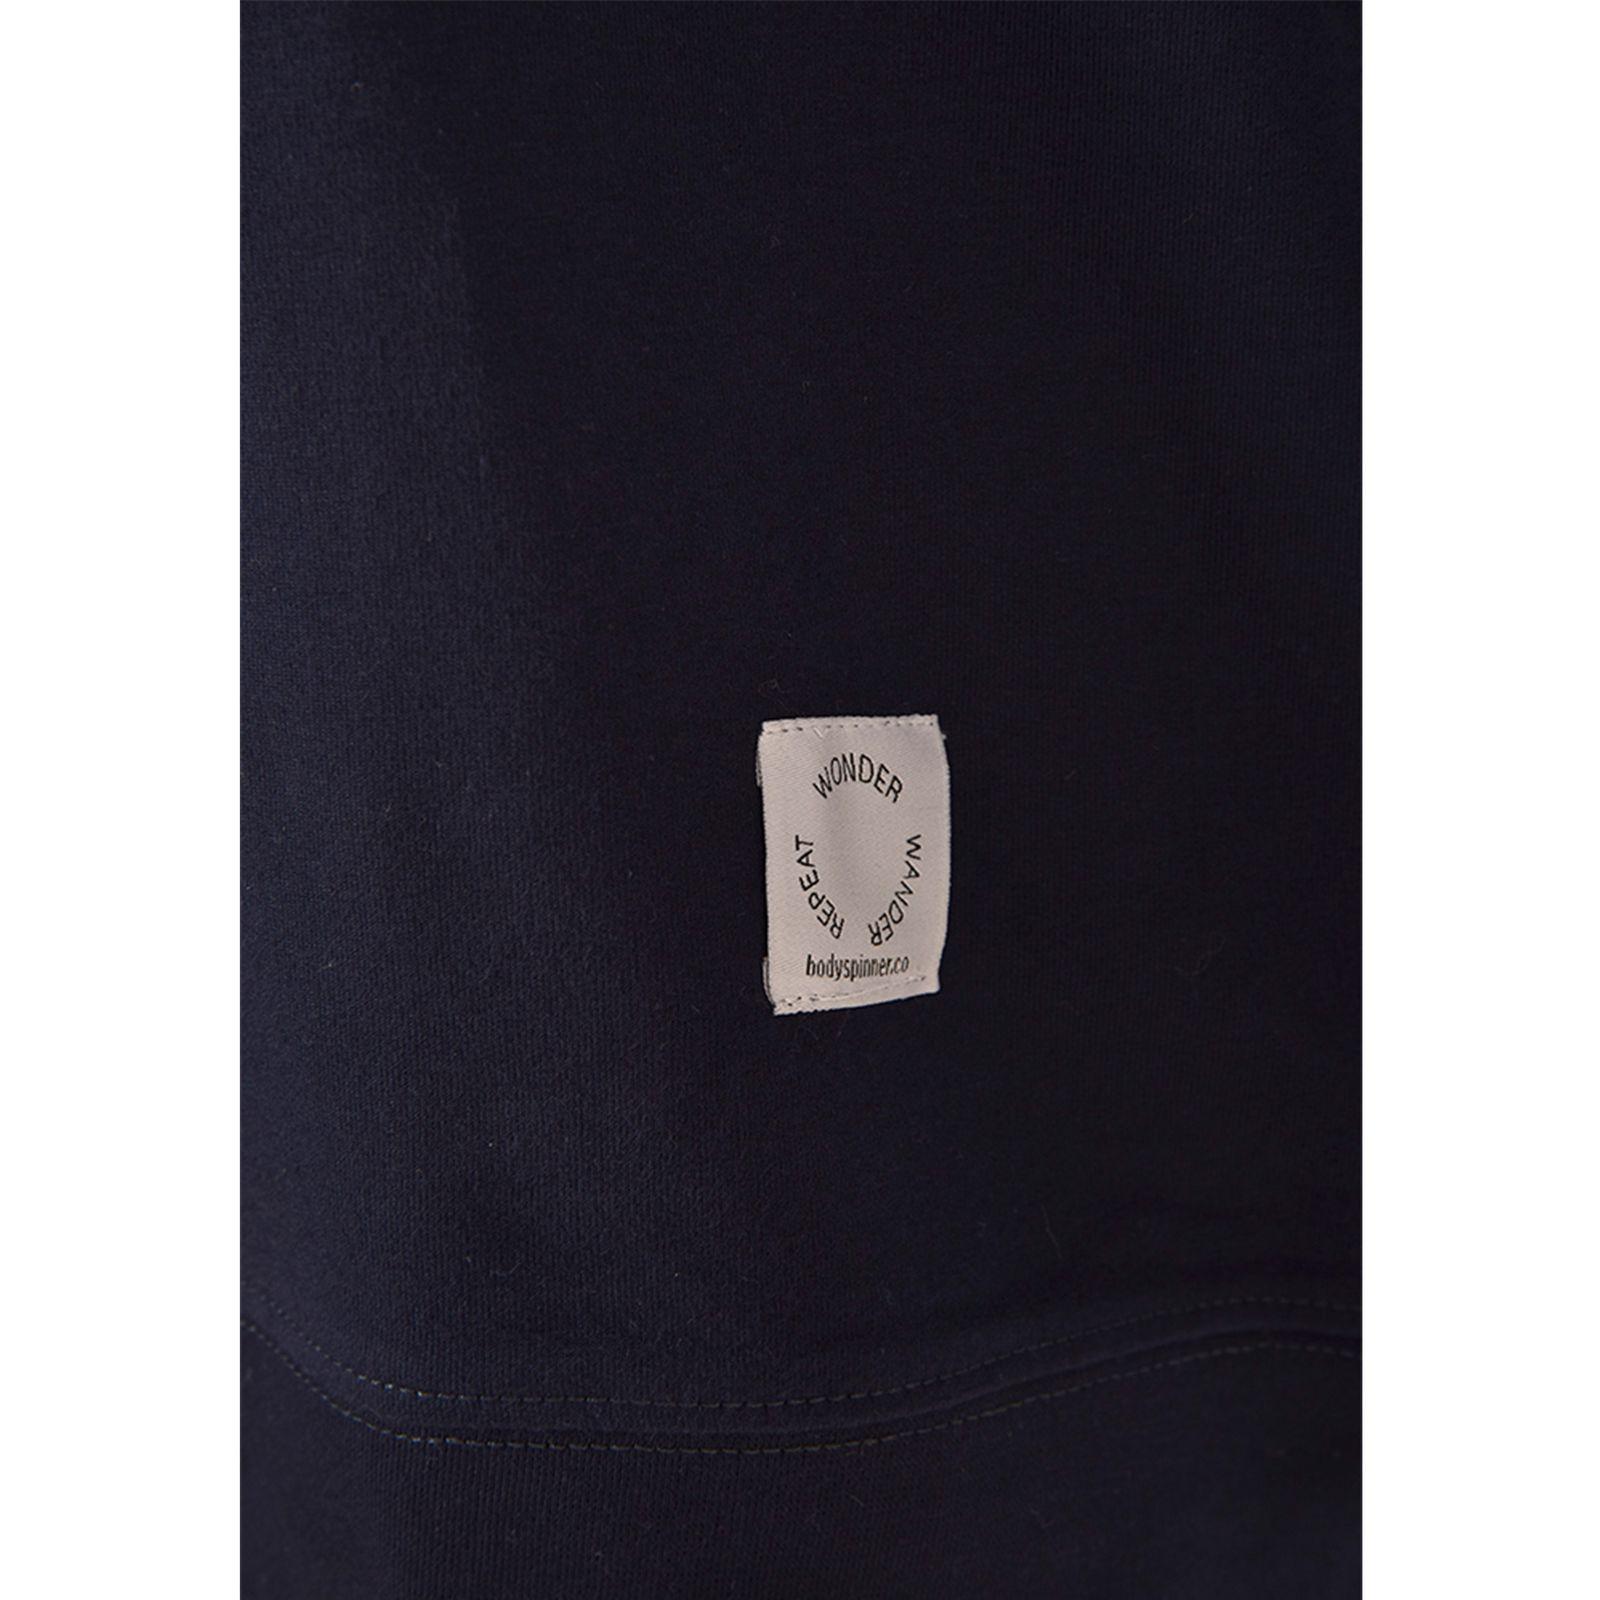 سویشرت زنانه بادی اسپینر مدل 2565 کد 1 رنگ سرمه ای -  - 2